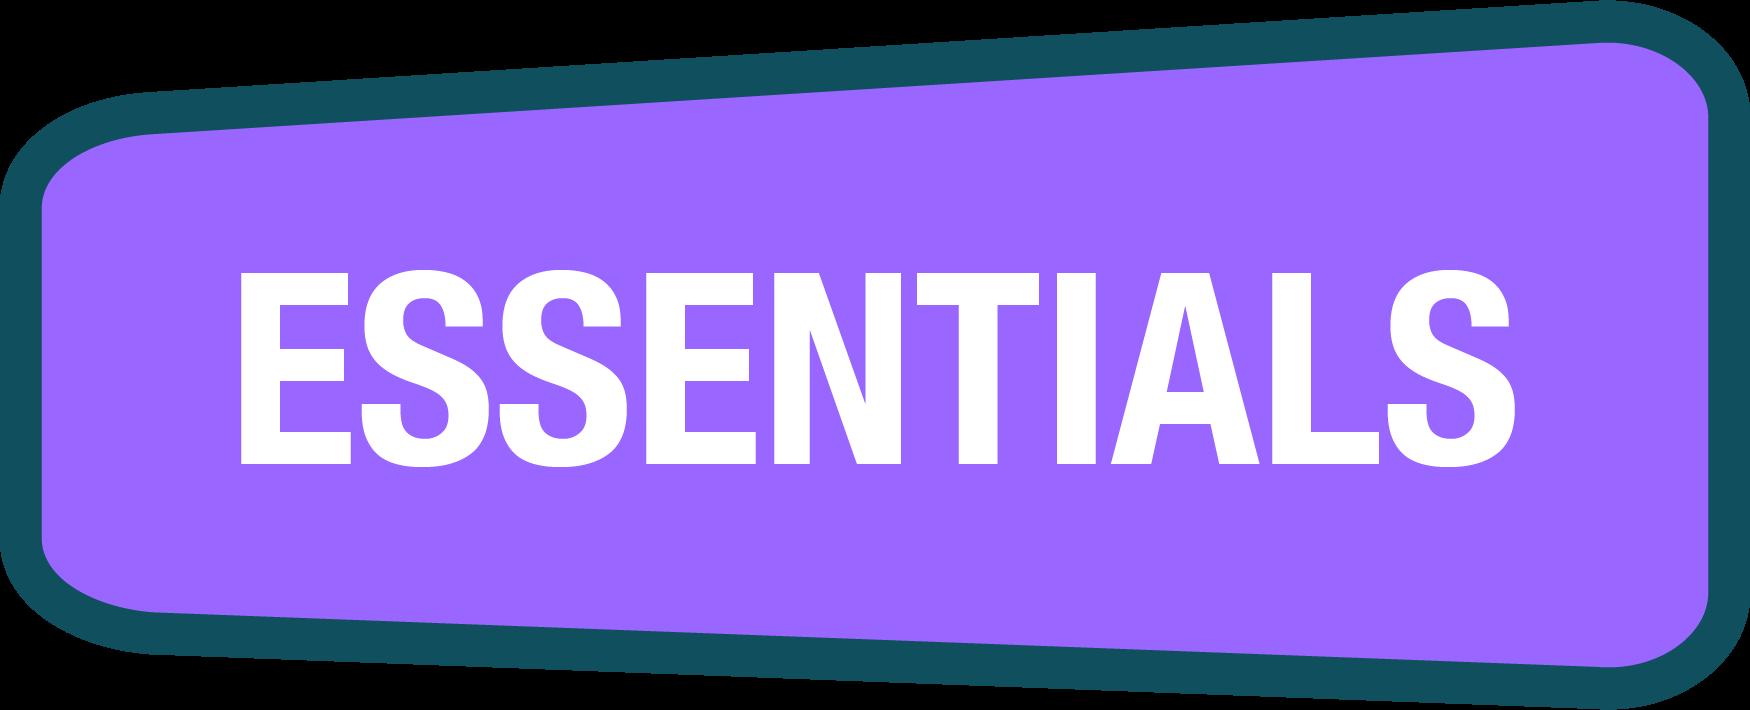 CyberPass Essentials logo